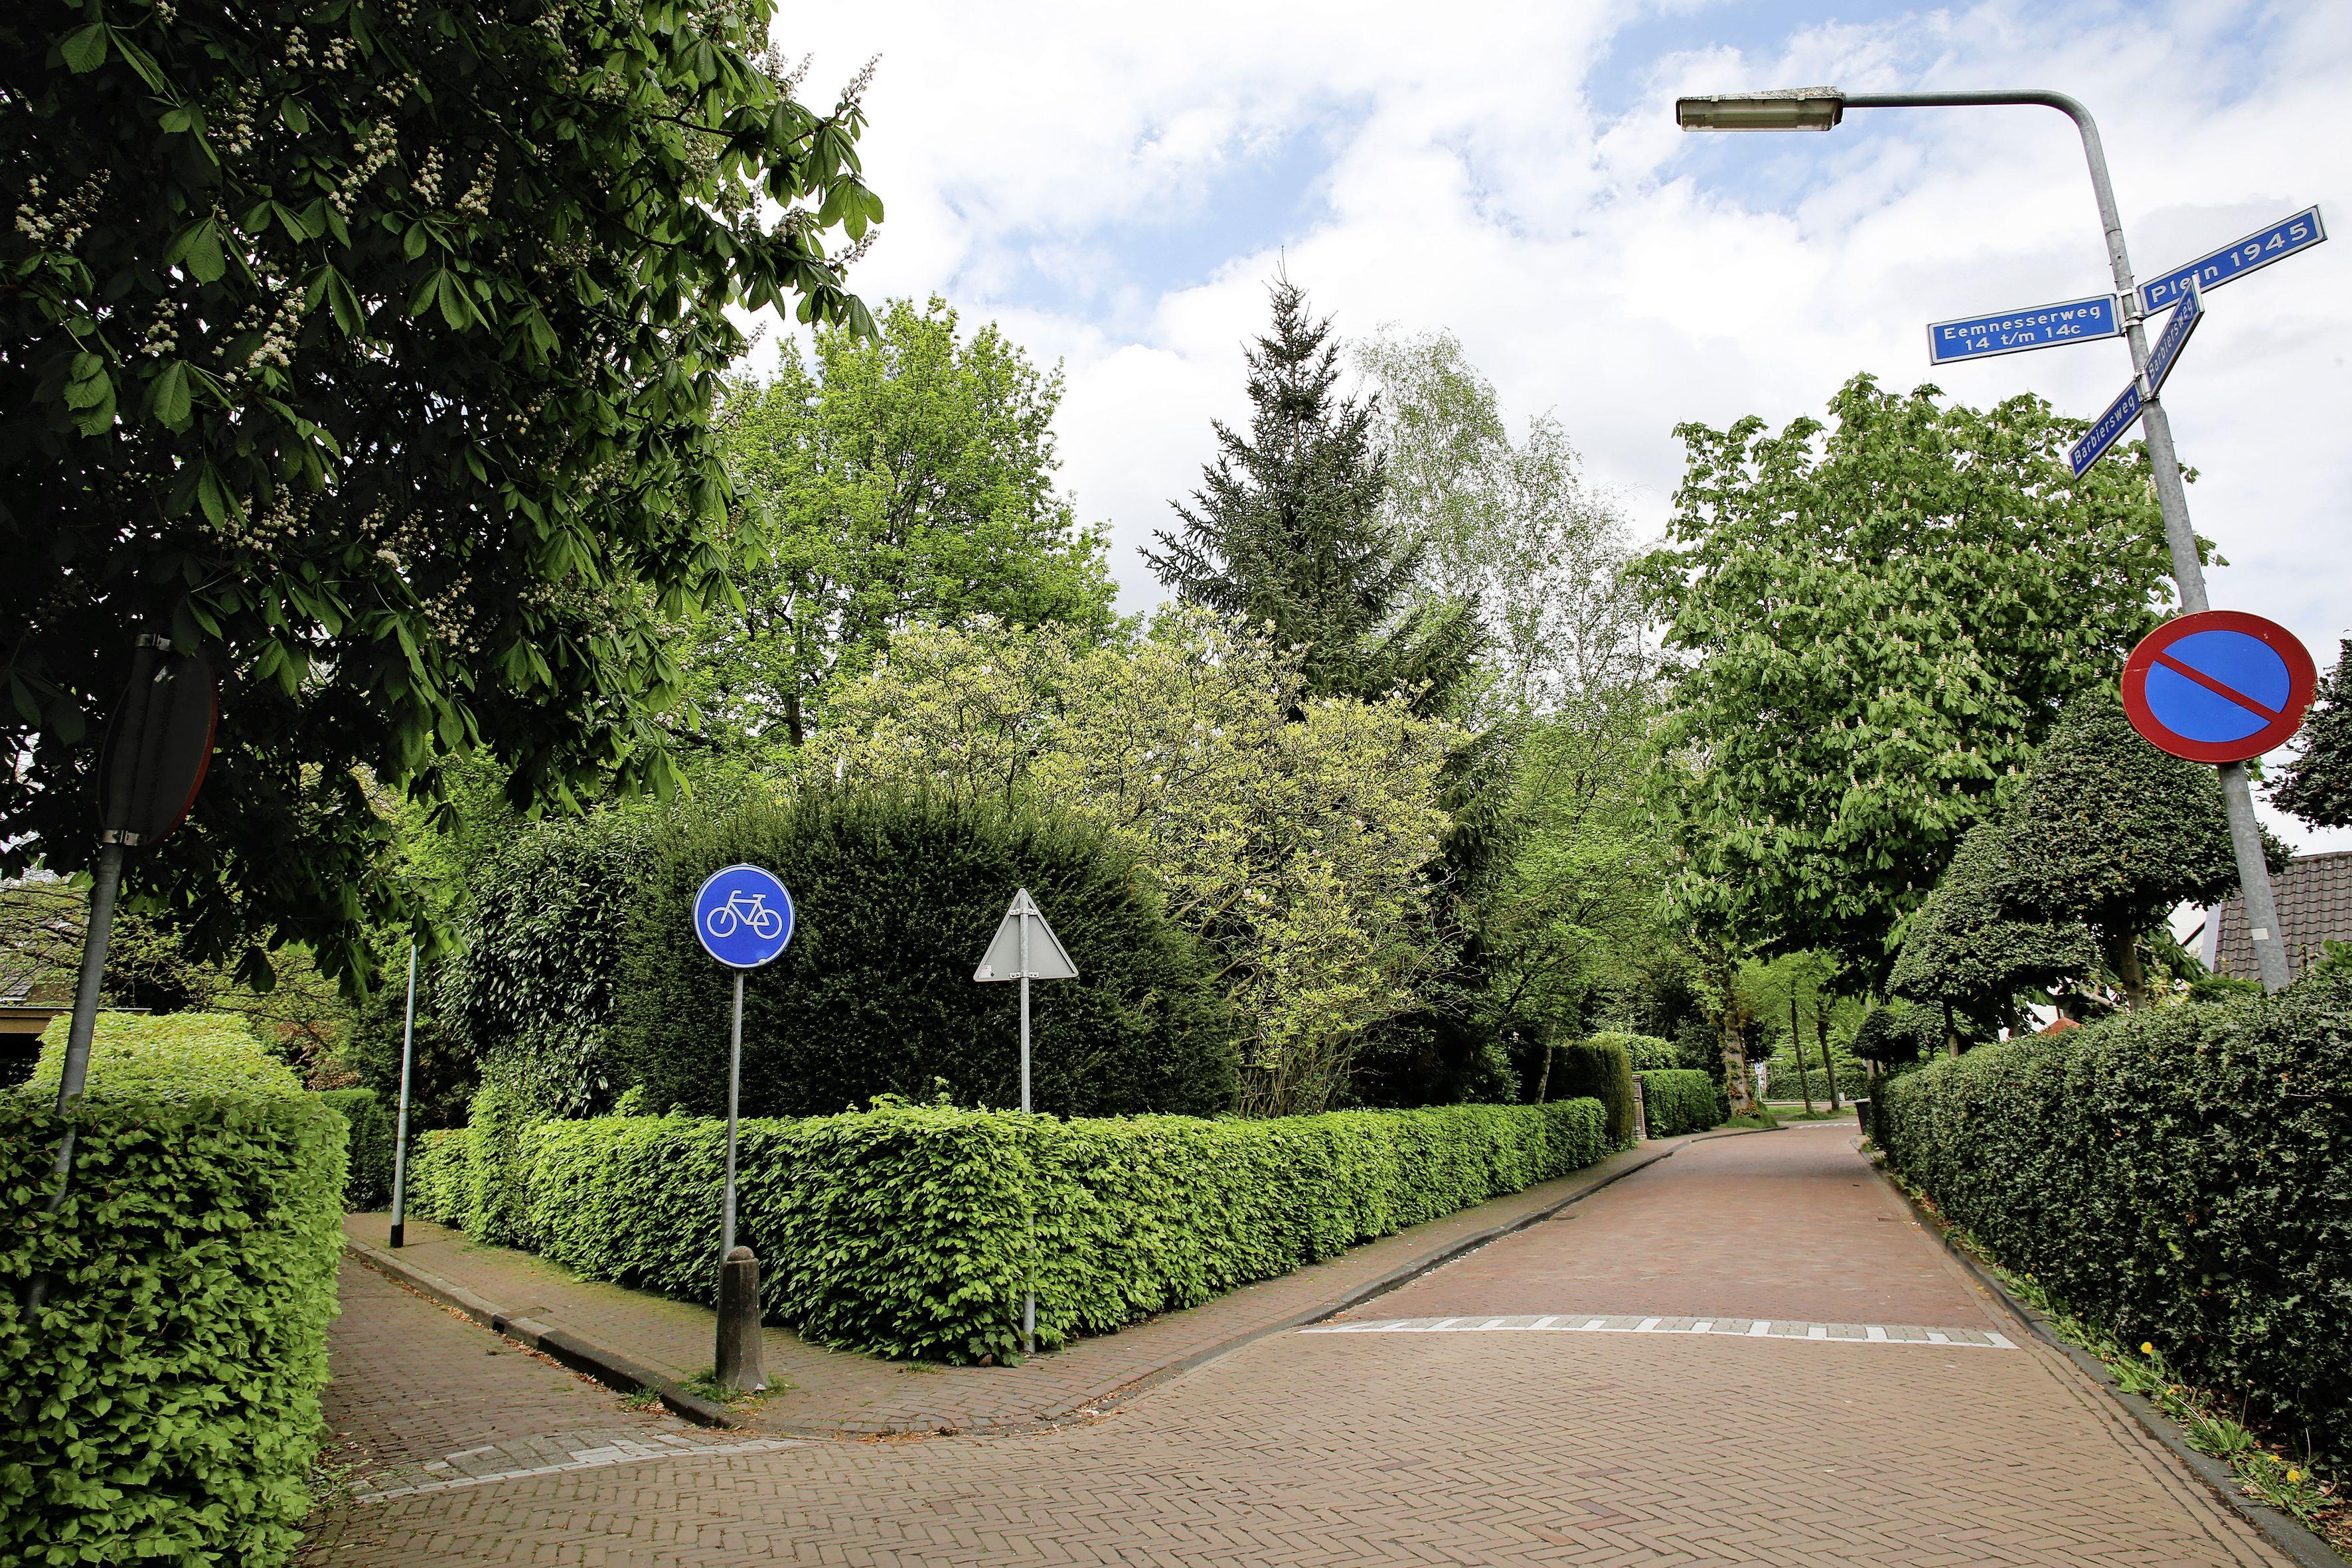 'Bied je ouderen een fijn huis om te wonen? Of behoud je de bomen?'; College stemt in met zes sociale huurwoningen bij de Larense Kweek